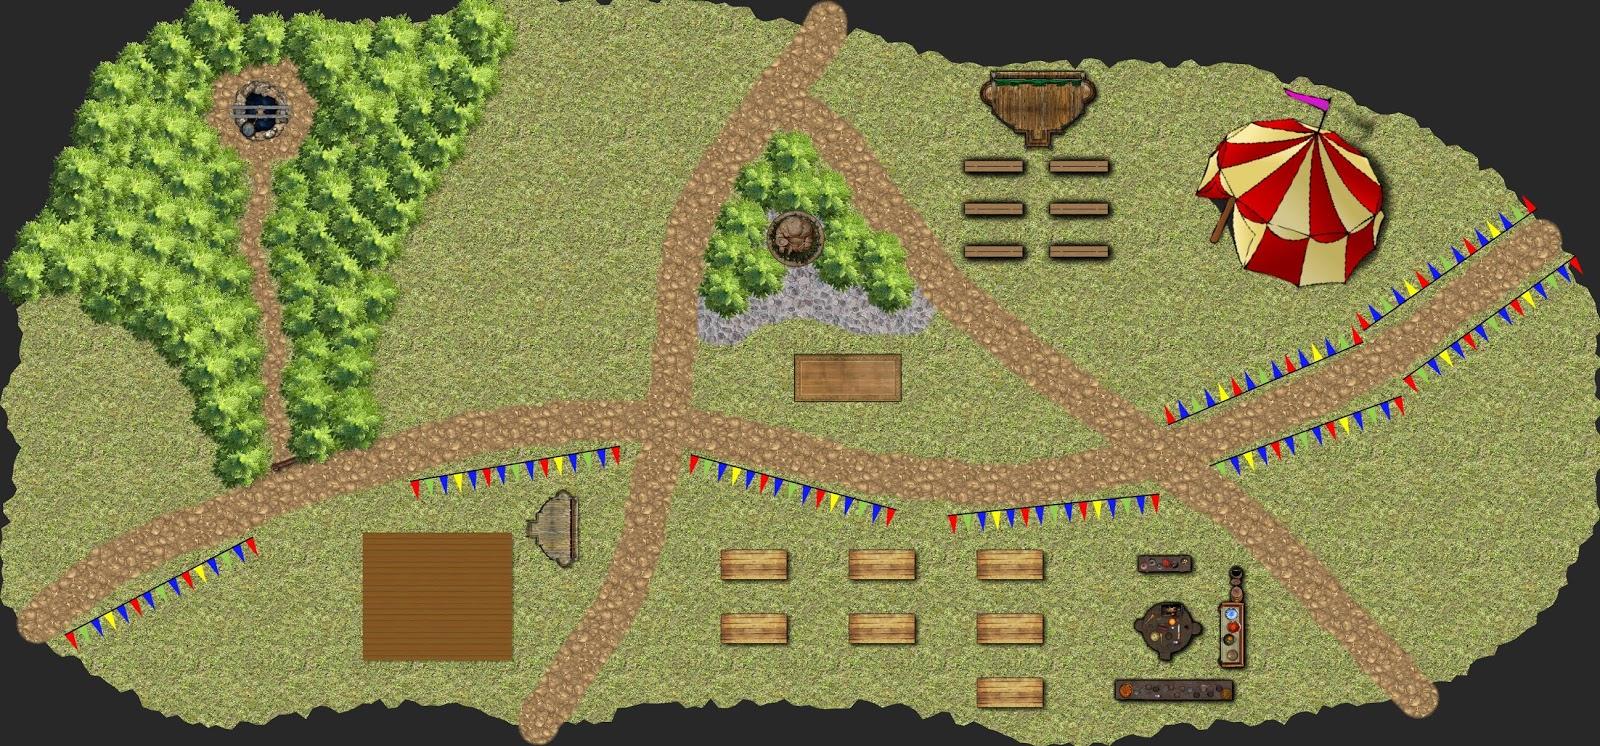 Aventura de nivel 1 para Dungeons & Dragons - El Pozo de los Deseos - Feria de Gallor